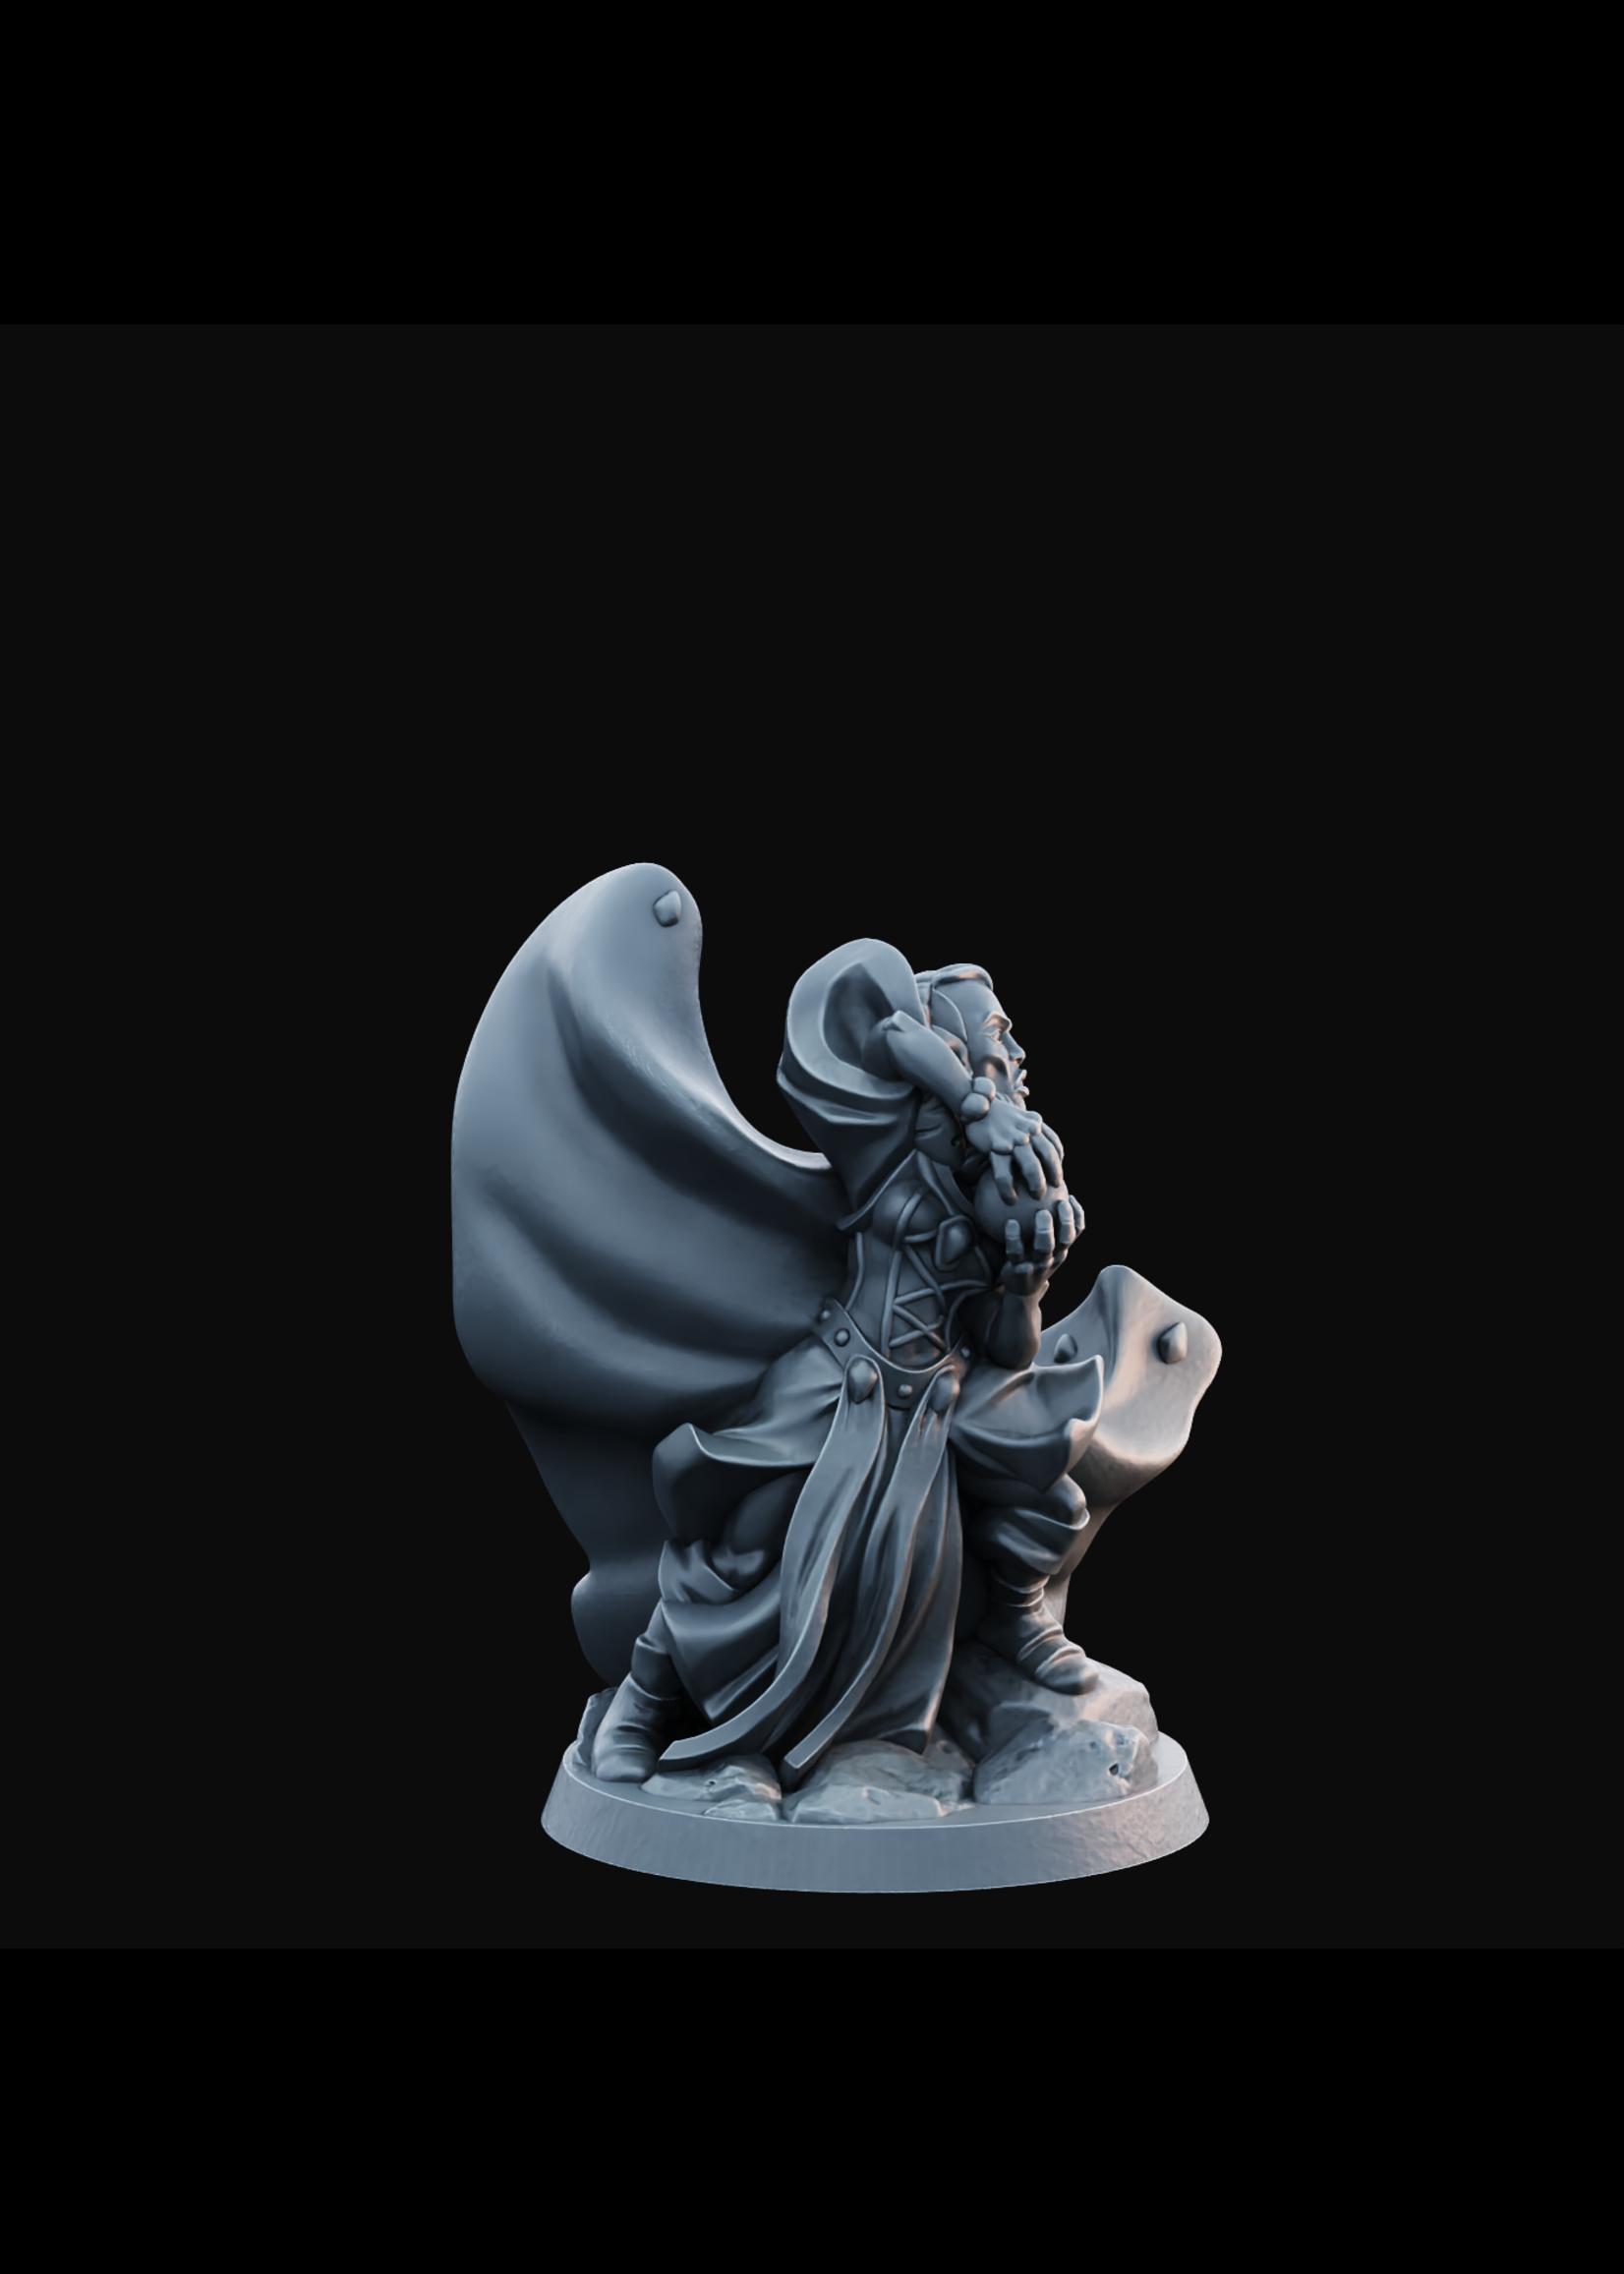 Elven Female 01 - Hero of the Realm KS